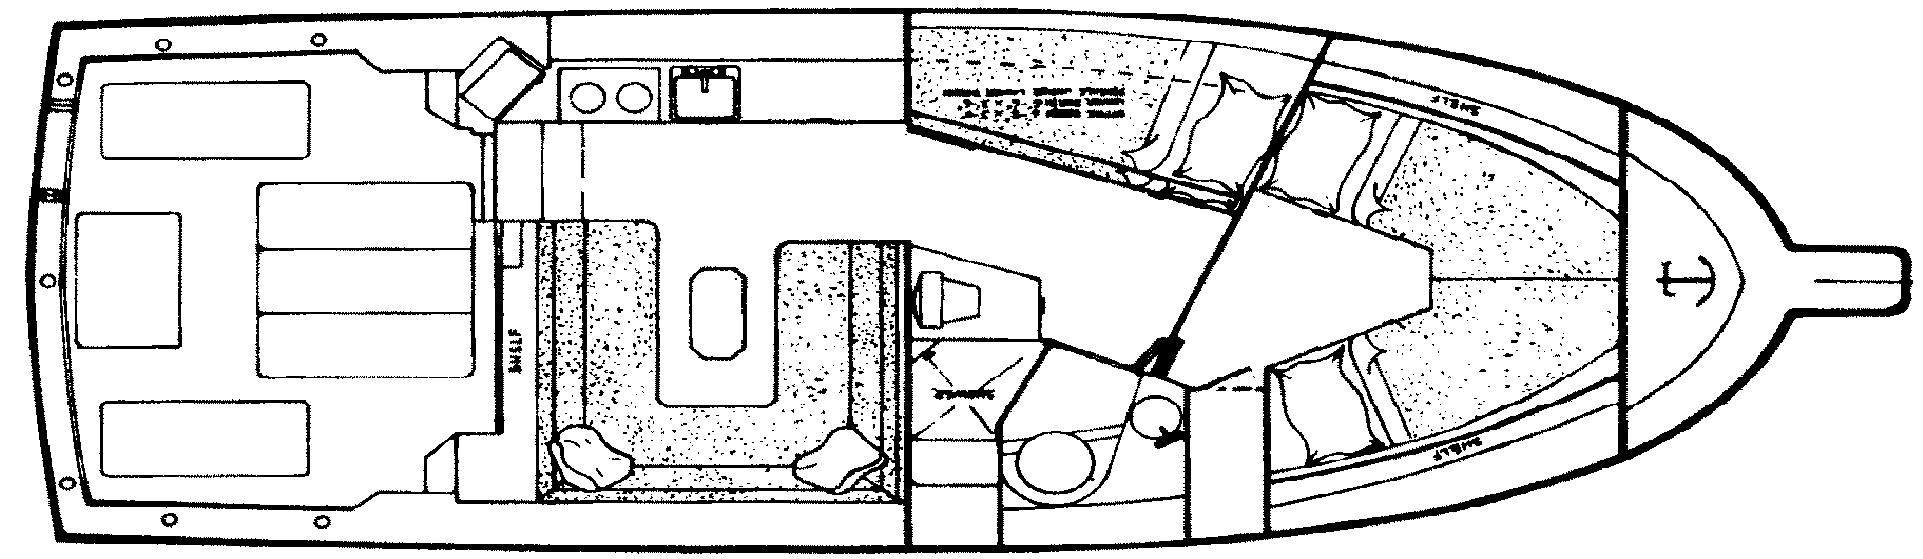 Albin 32+2 Command Bridge Floor Plan 2